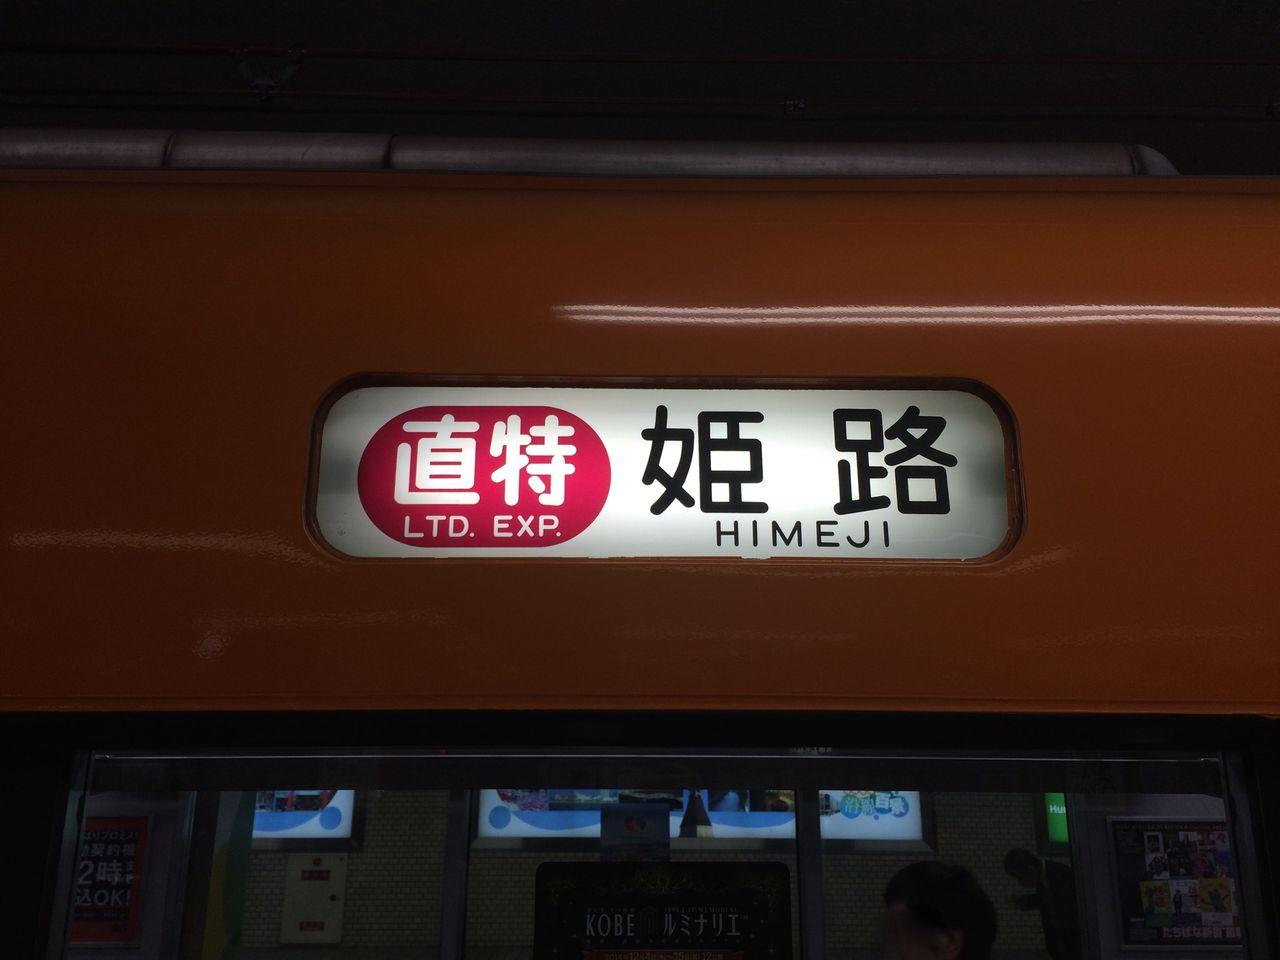 大阪⇔姫路直通特急@阪神電車-2